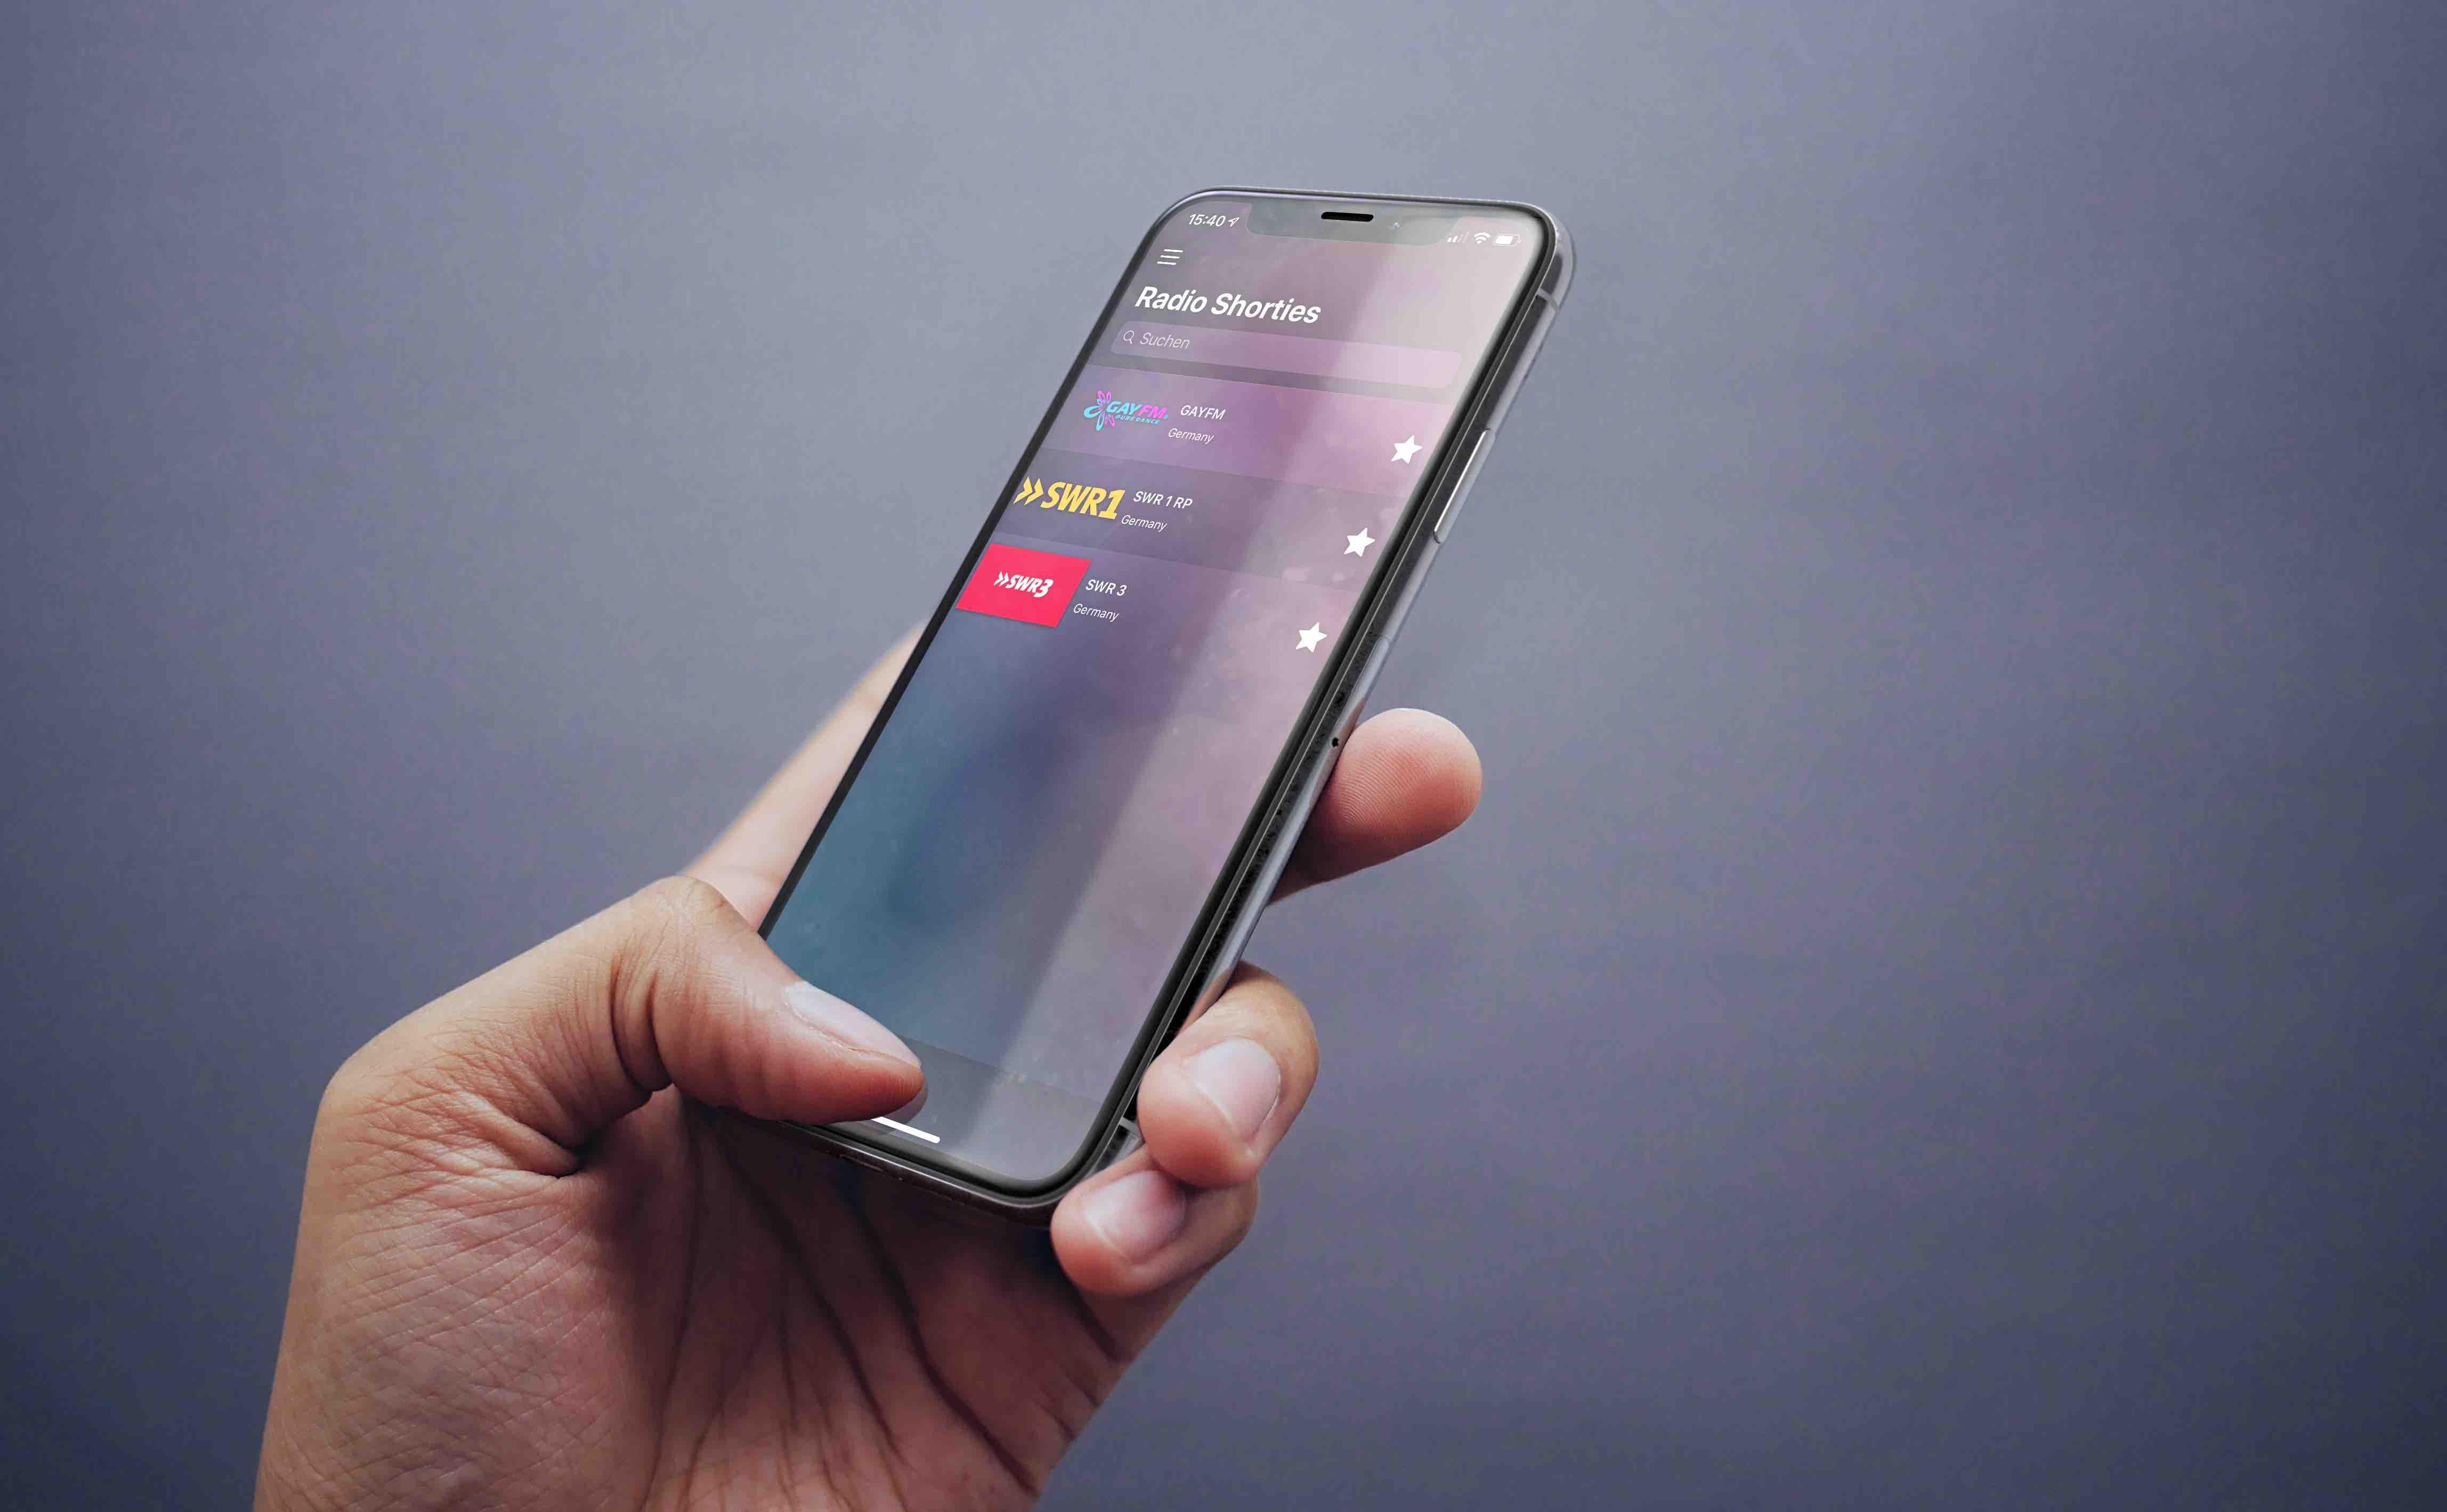 Radio_Shorties_App_Artikel_Review2 Radio Shorties - mit dieser App spielt der HomePod mit einem Siri-Befehl dein Lieblingsradio